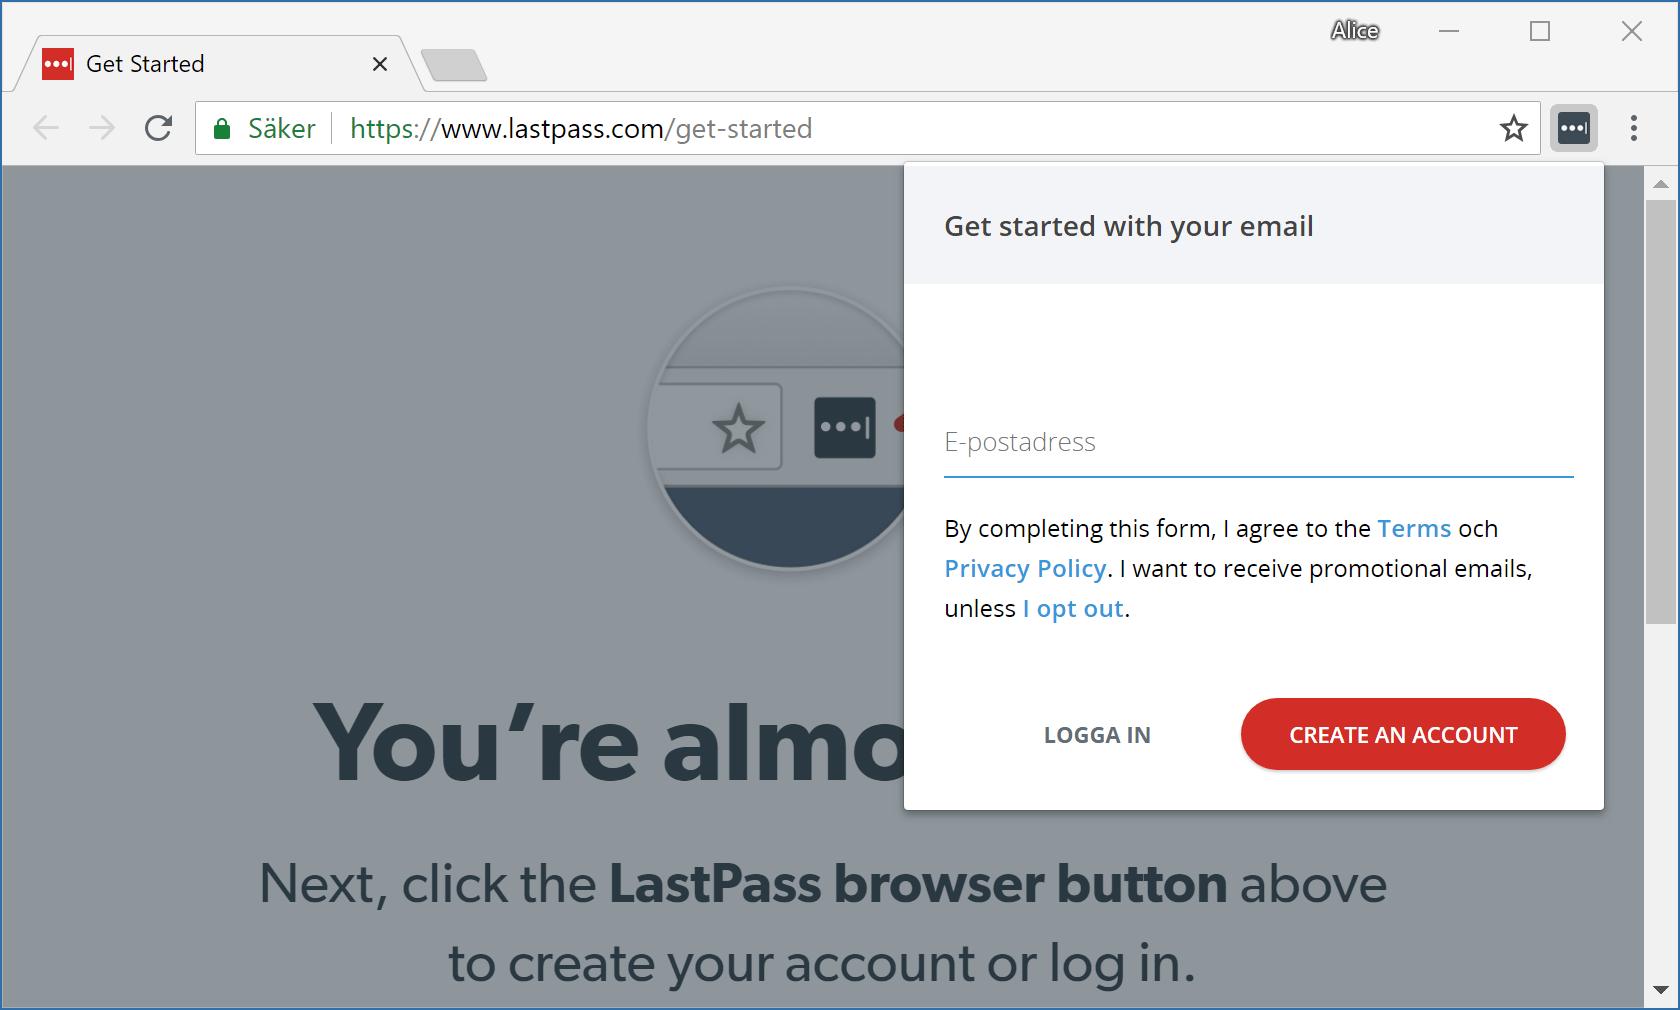 Vi skapar ett nytt Lastpass-konto direkt från webbläsartillägget.